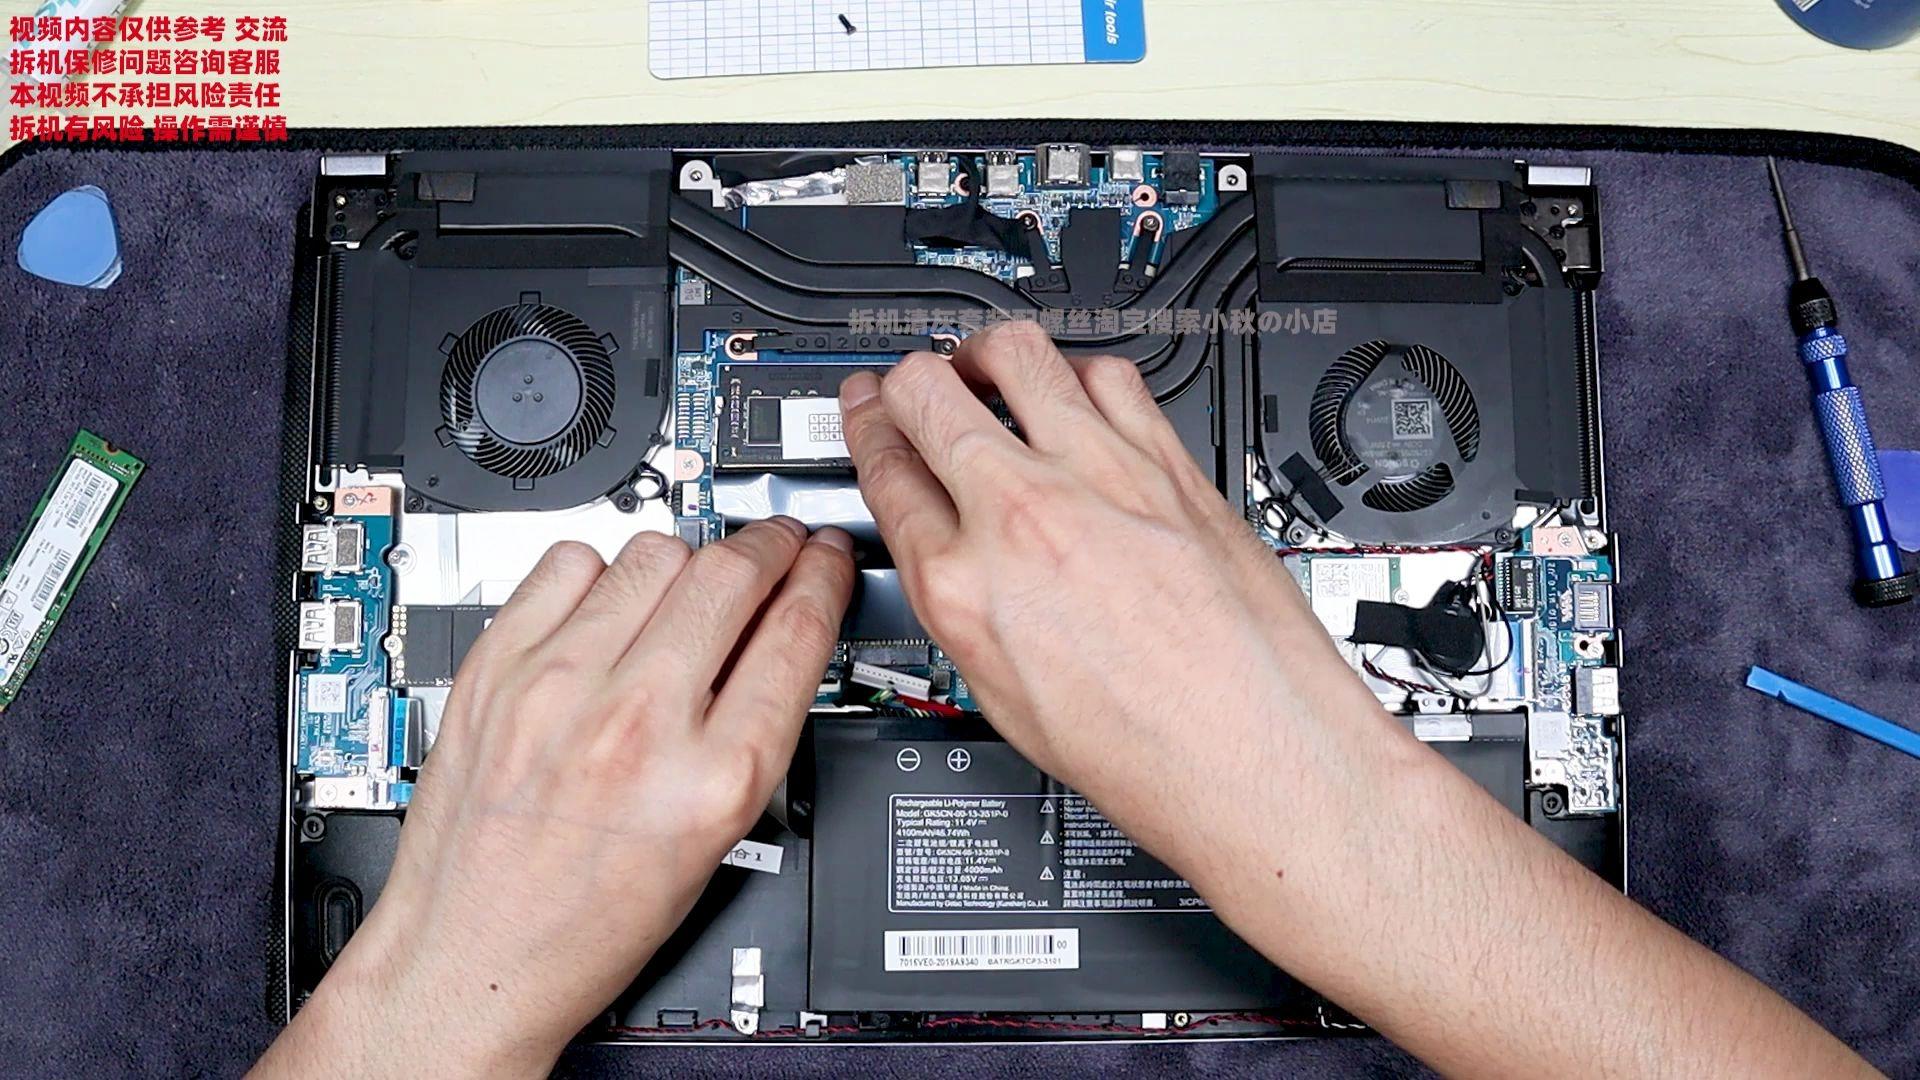 华硕k42jc拆机视频_小秋拆机 机械革命蛟龙AMD 4800H 4600H拆机升级清灰维护视频_哔哩 ...